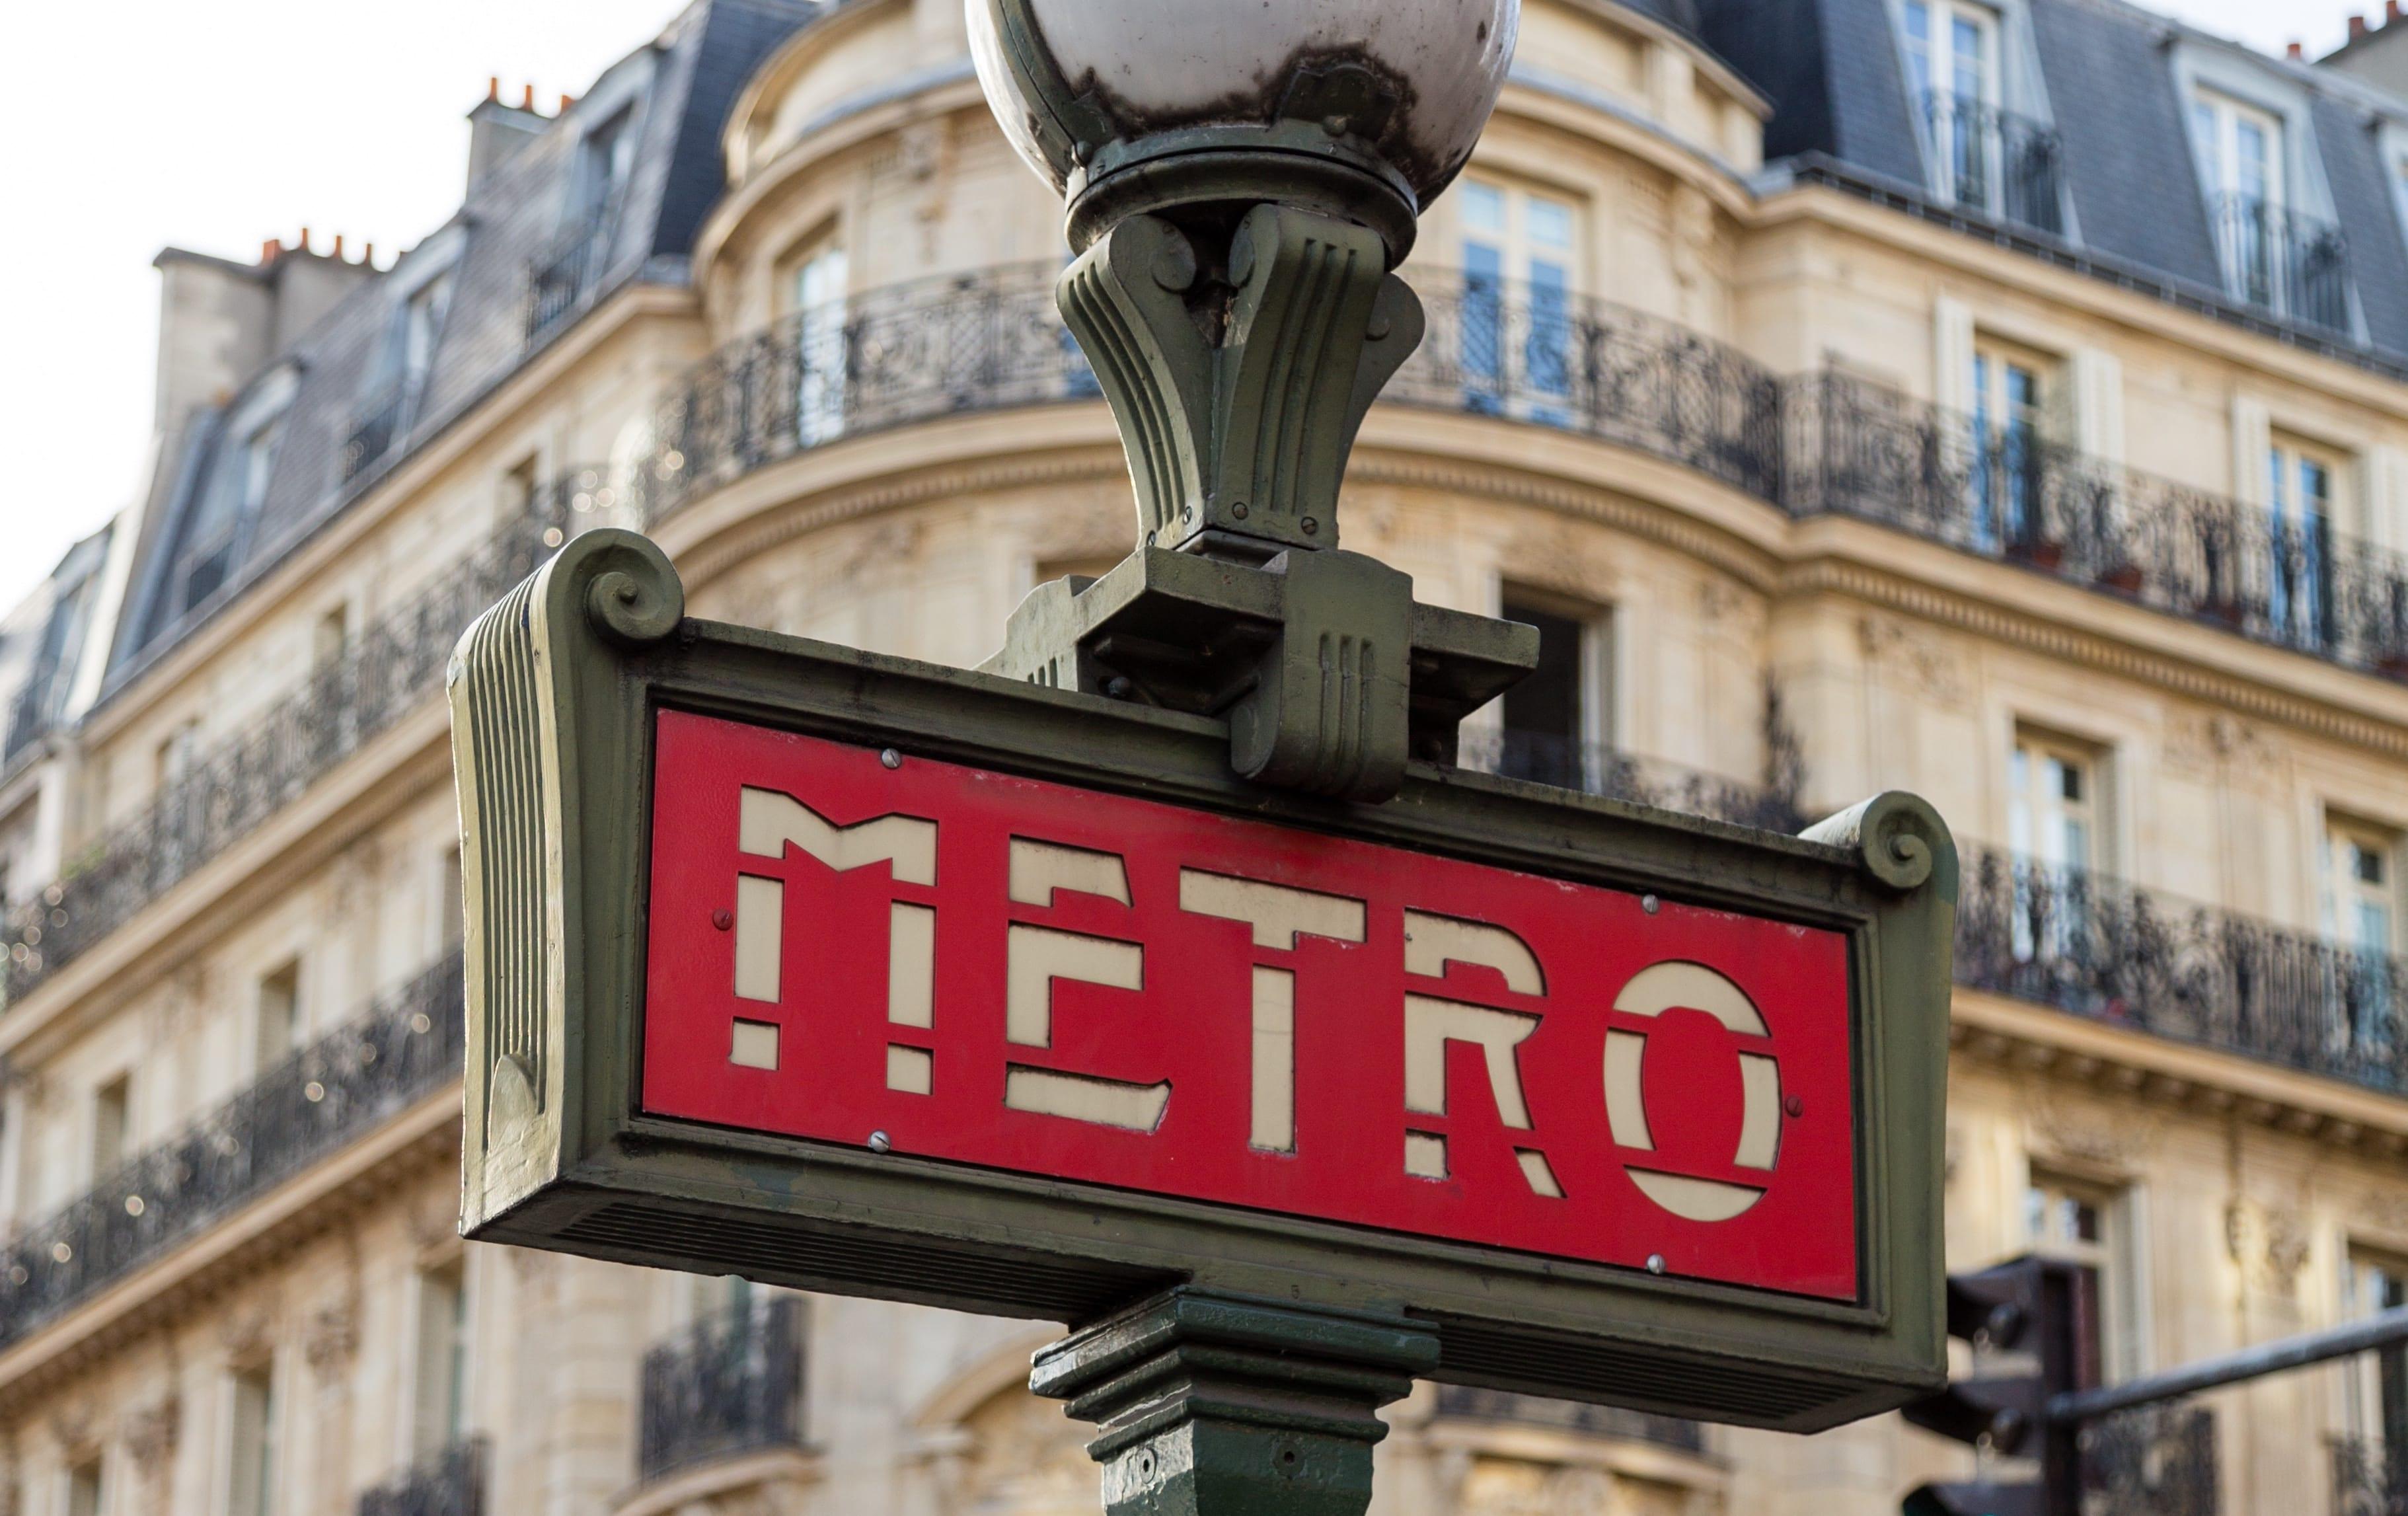 10e arrondissement de paris